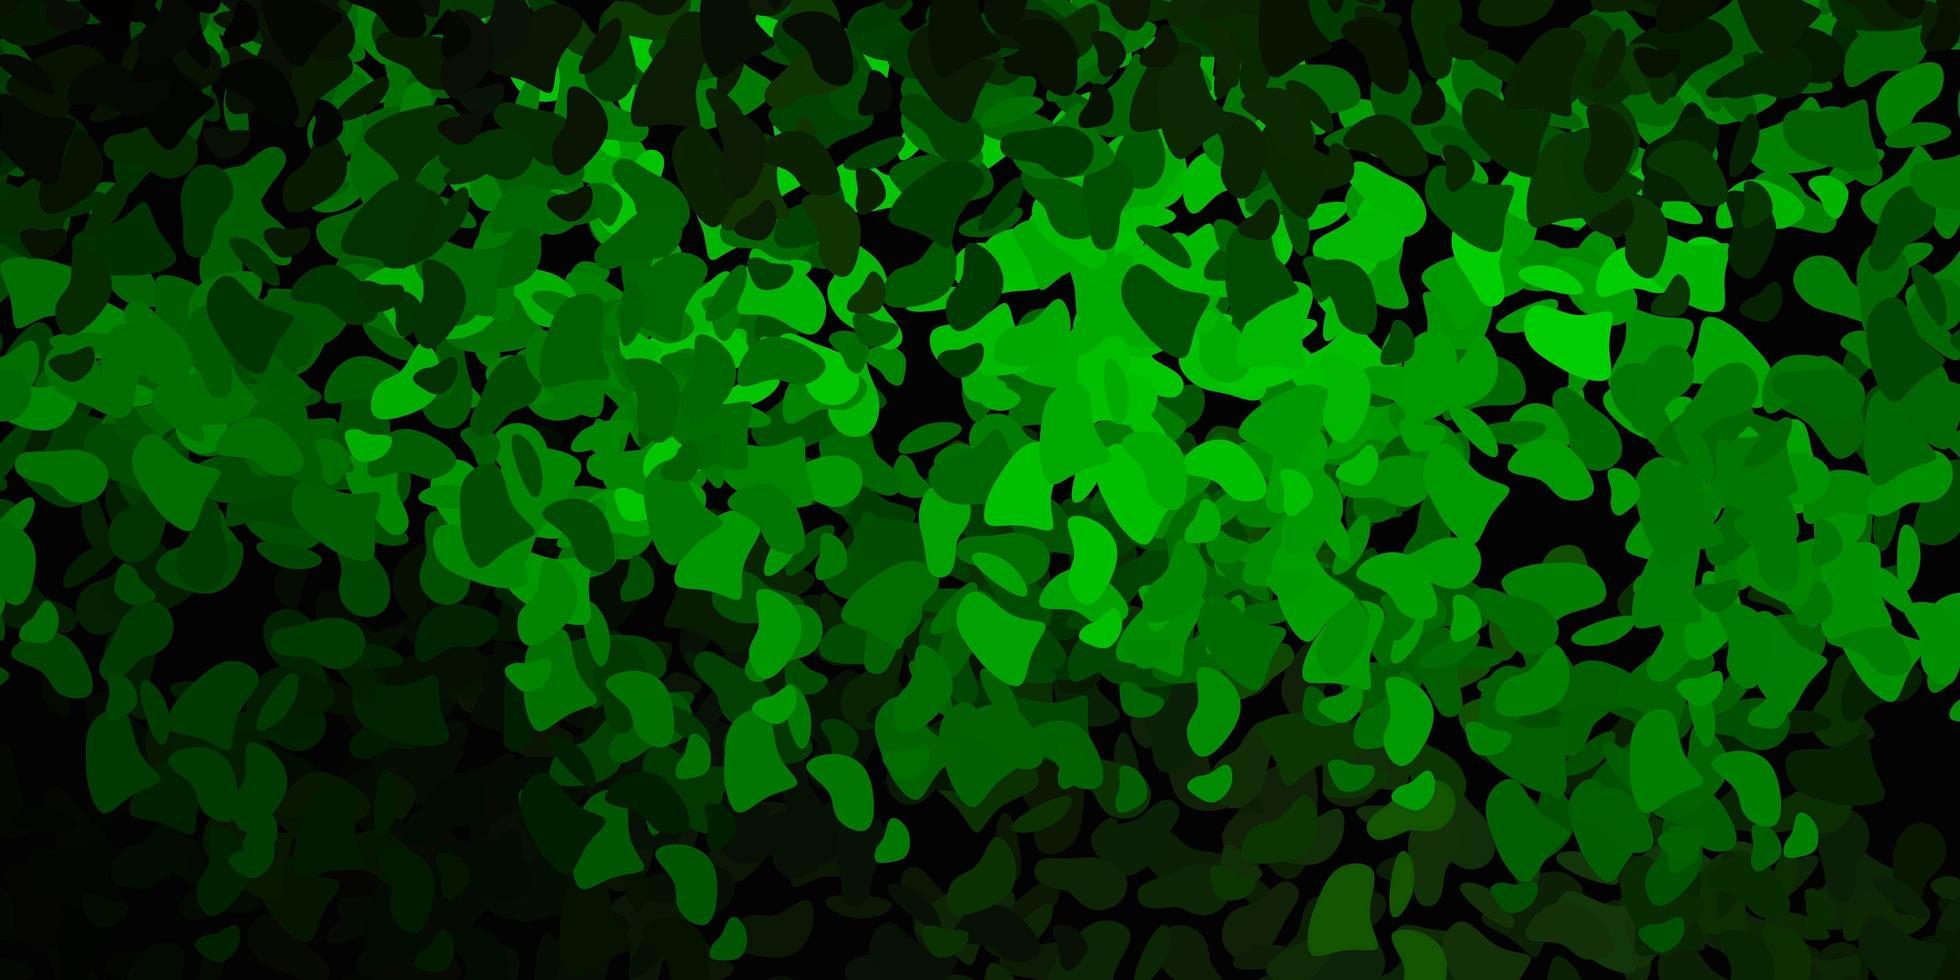 donkergroene vector achtergrond met chaotische vormen.